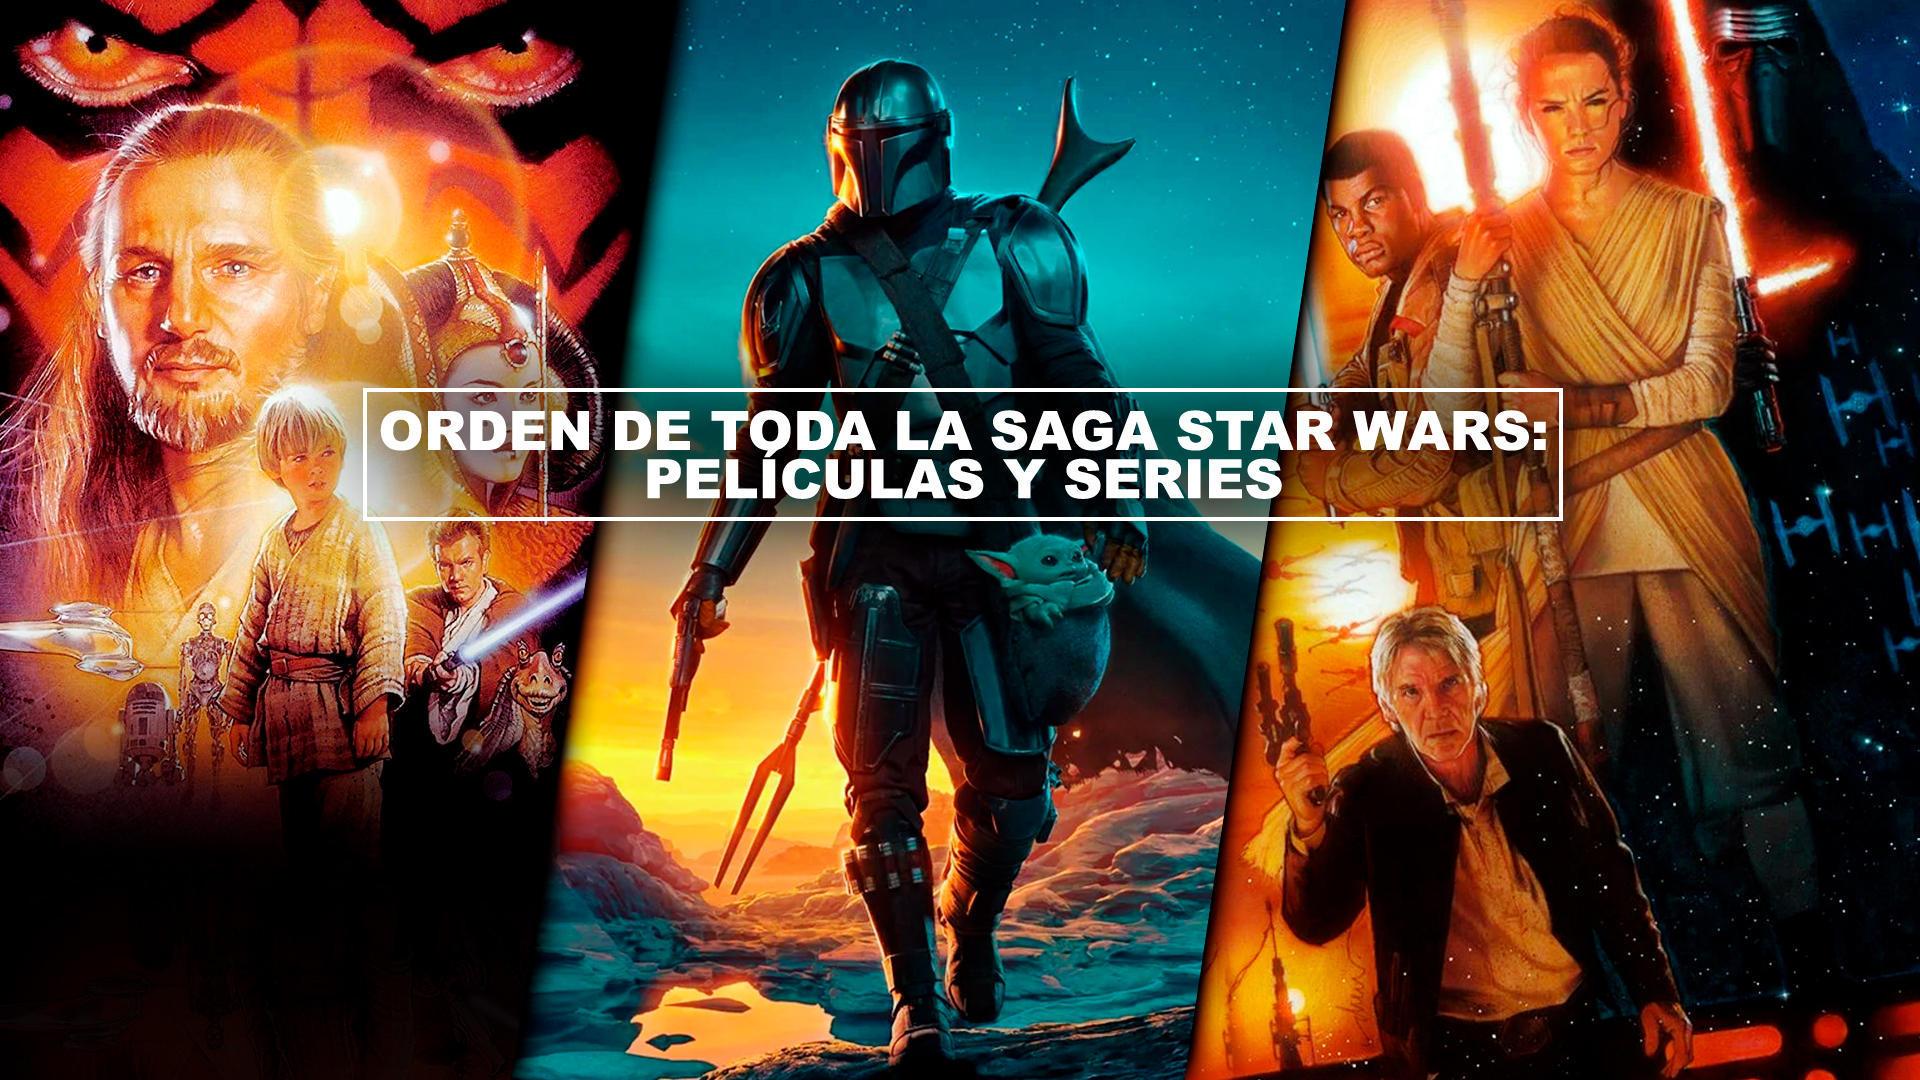 Saga Star Wars Orden De Todas Las Películas Y Series 2021 Cronología Y Estreno